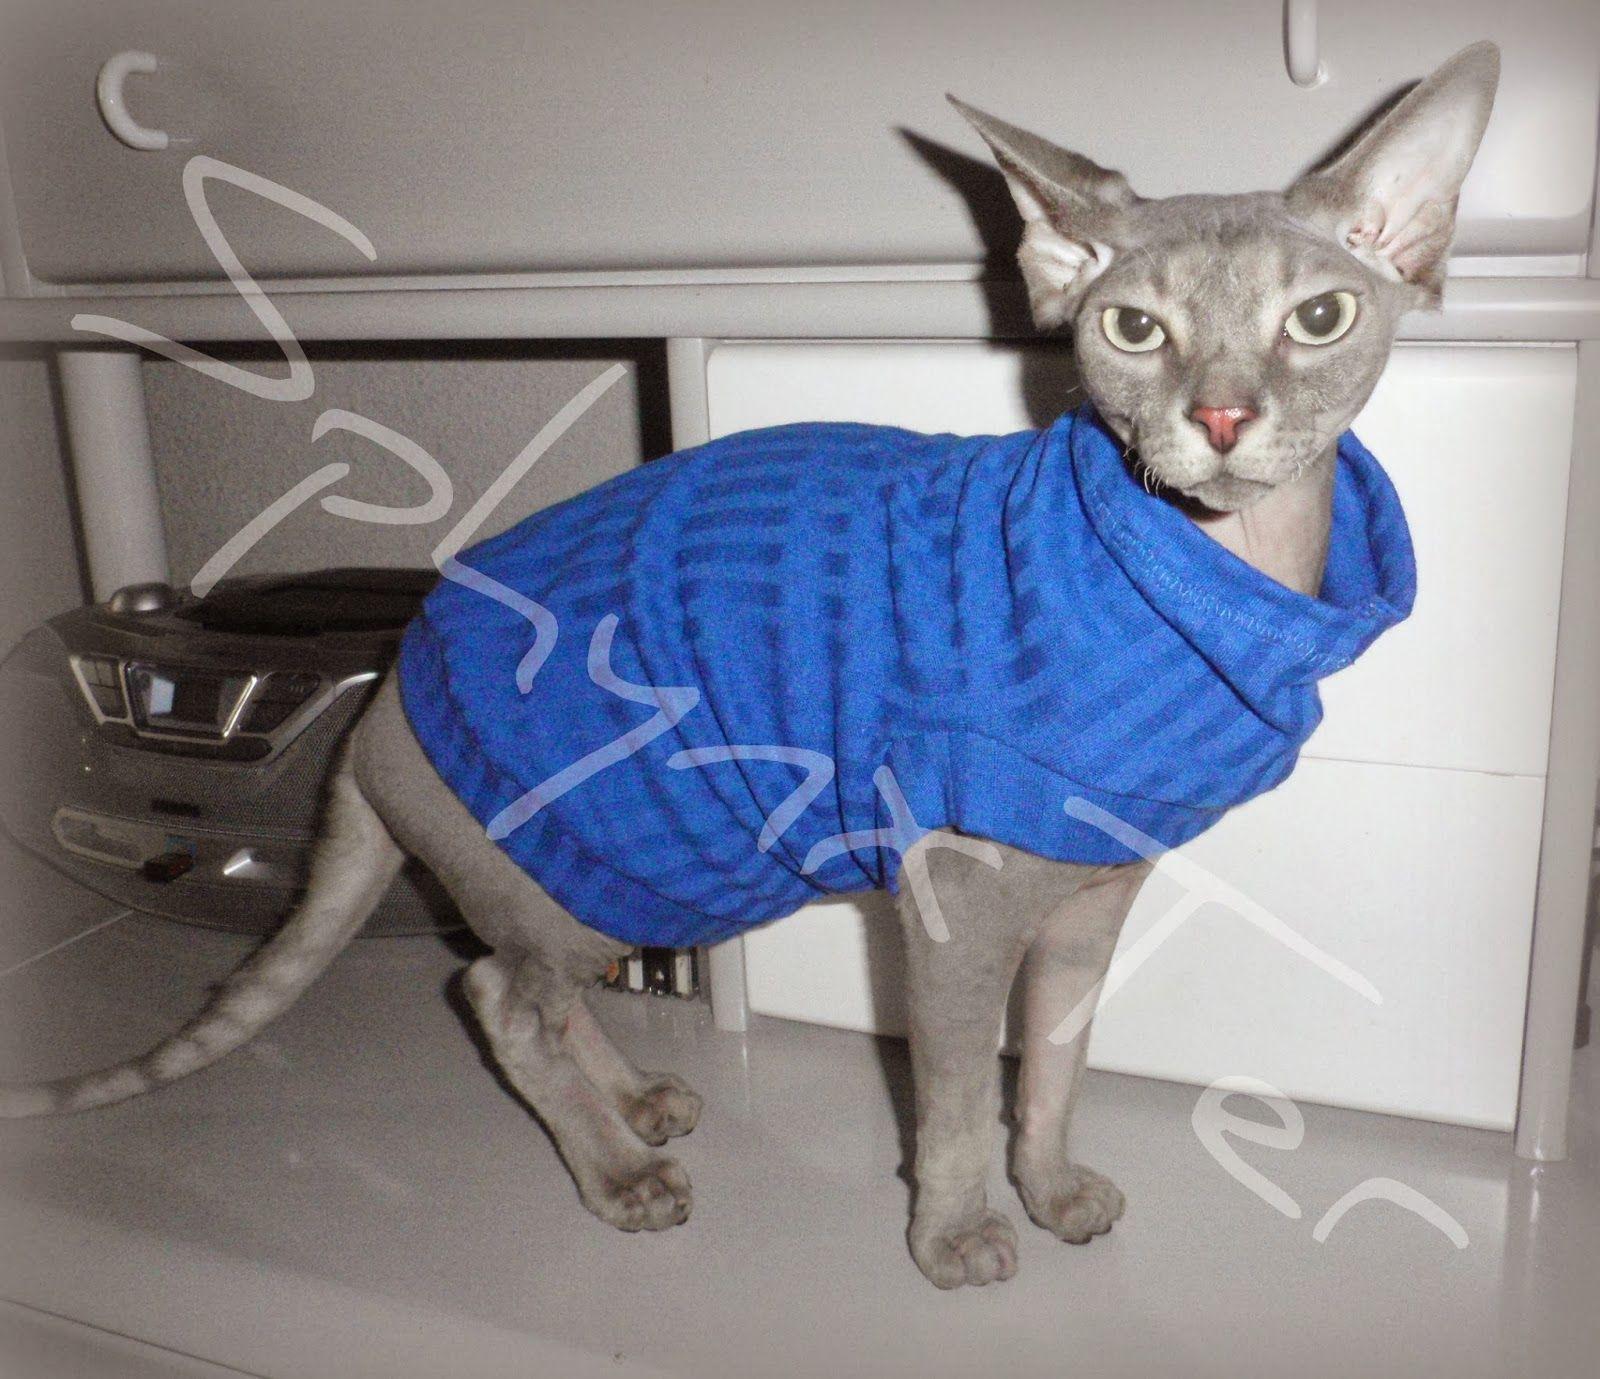 Ropa para gatos sin pelo o los sphynx u otros con poco pelo